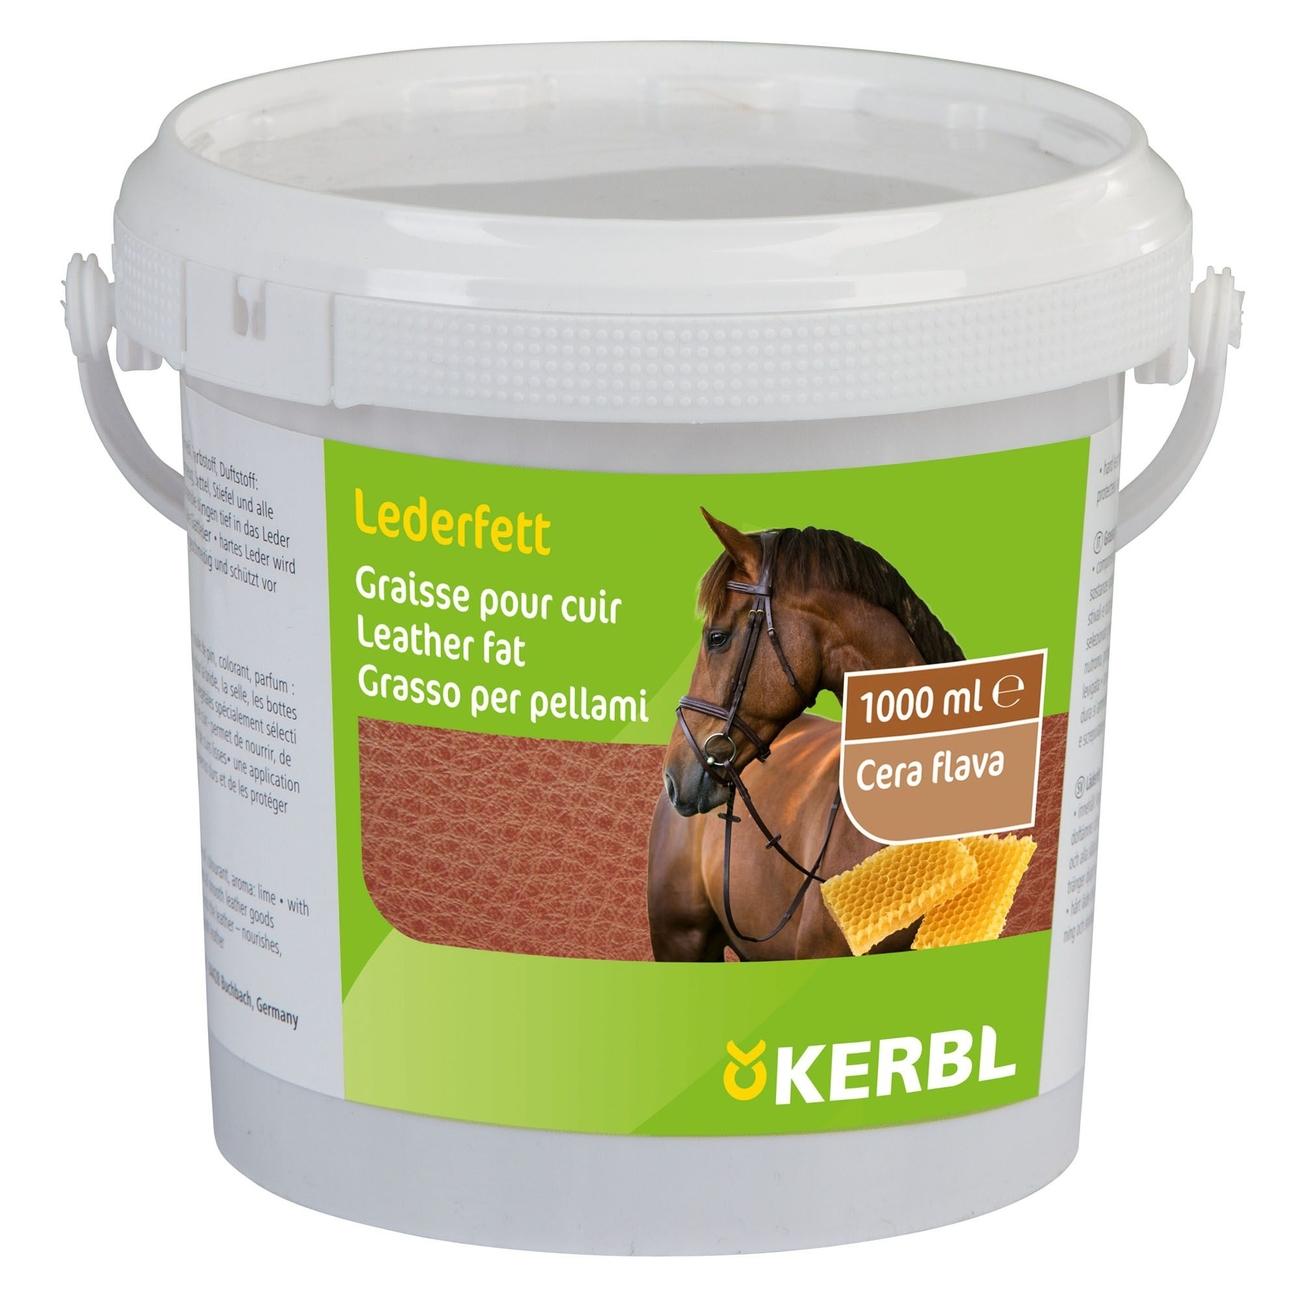 Kerbl Lederfett mit Bienenwachs, 1000 ml